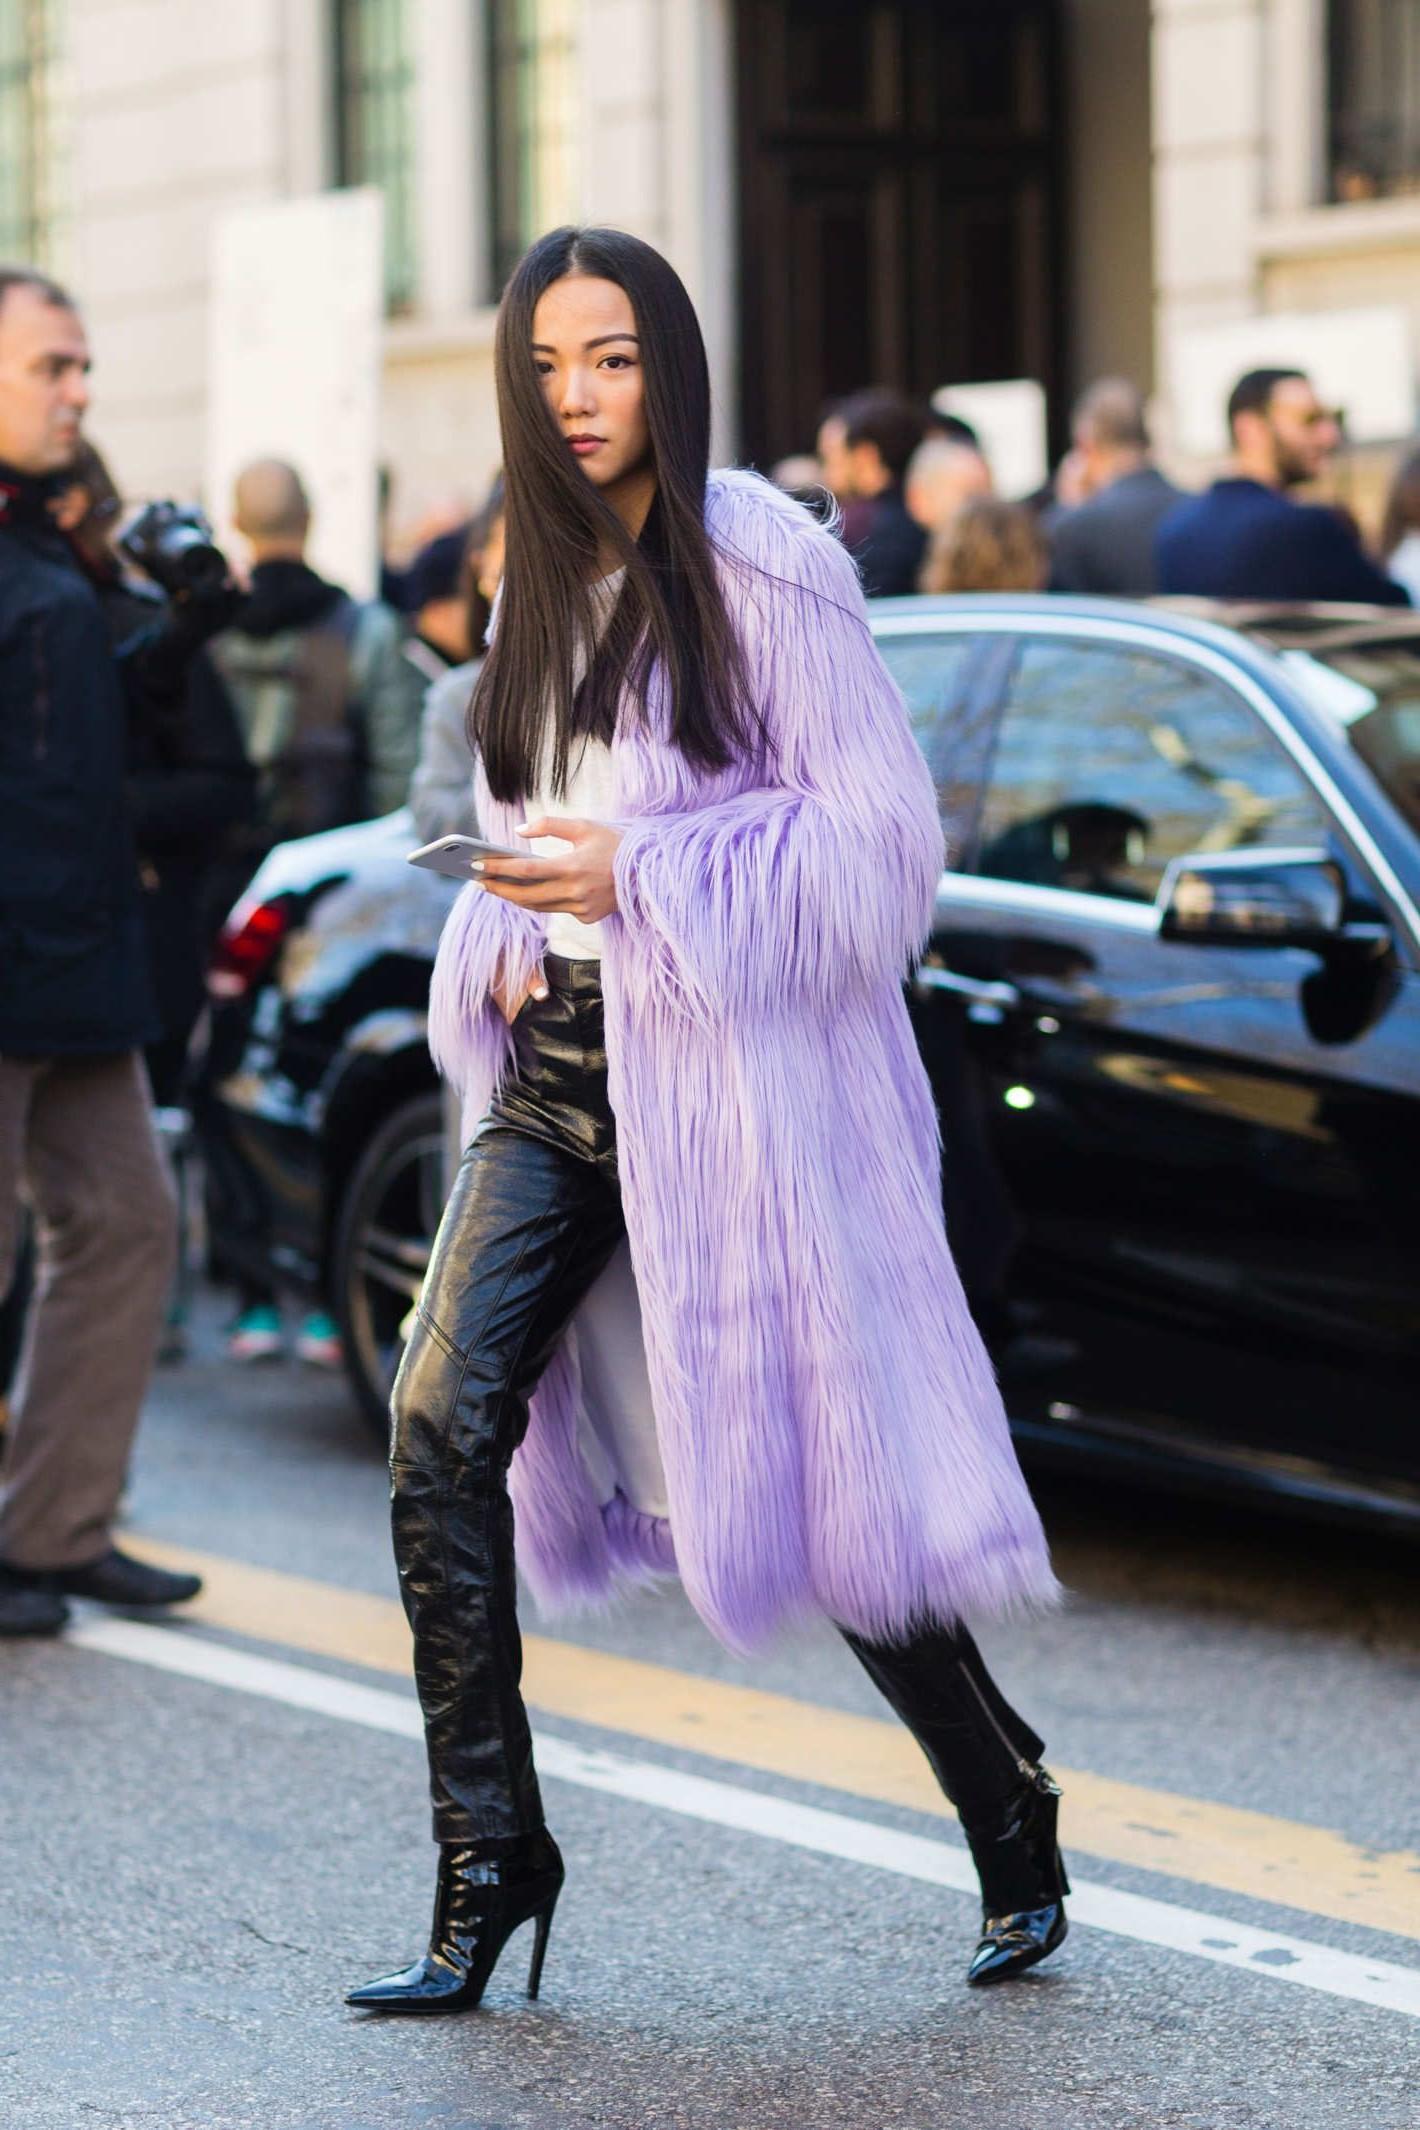 La Fashion Week de New York a été ponctuée de lavande, portée non pas comme couleur d'accent, mais de la tête aux pieds, ou de couleur lilas ou violette.